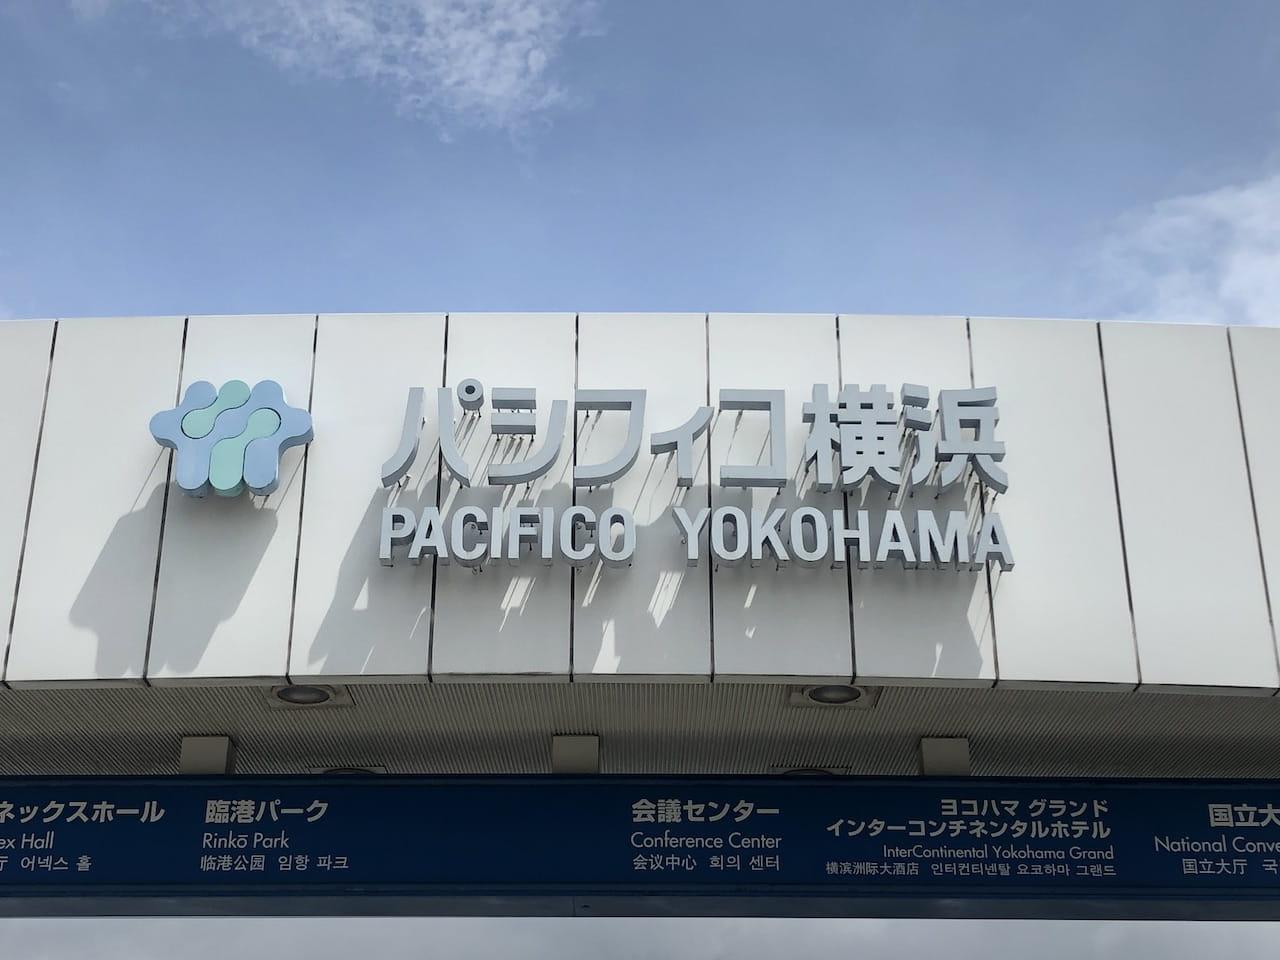 【ライブレポ】田村ゆかりT♡C パシフィコ横浜公演の感想!SsLから4年ぶりとなったツアーの答え